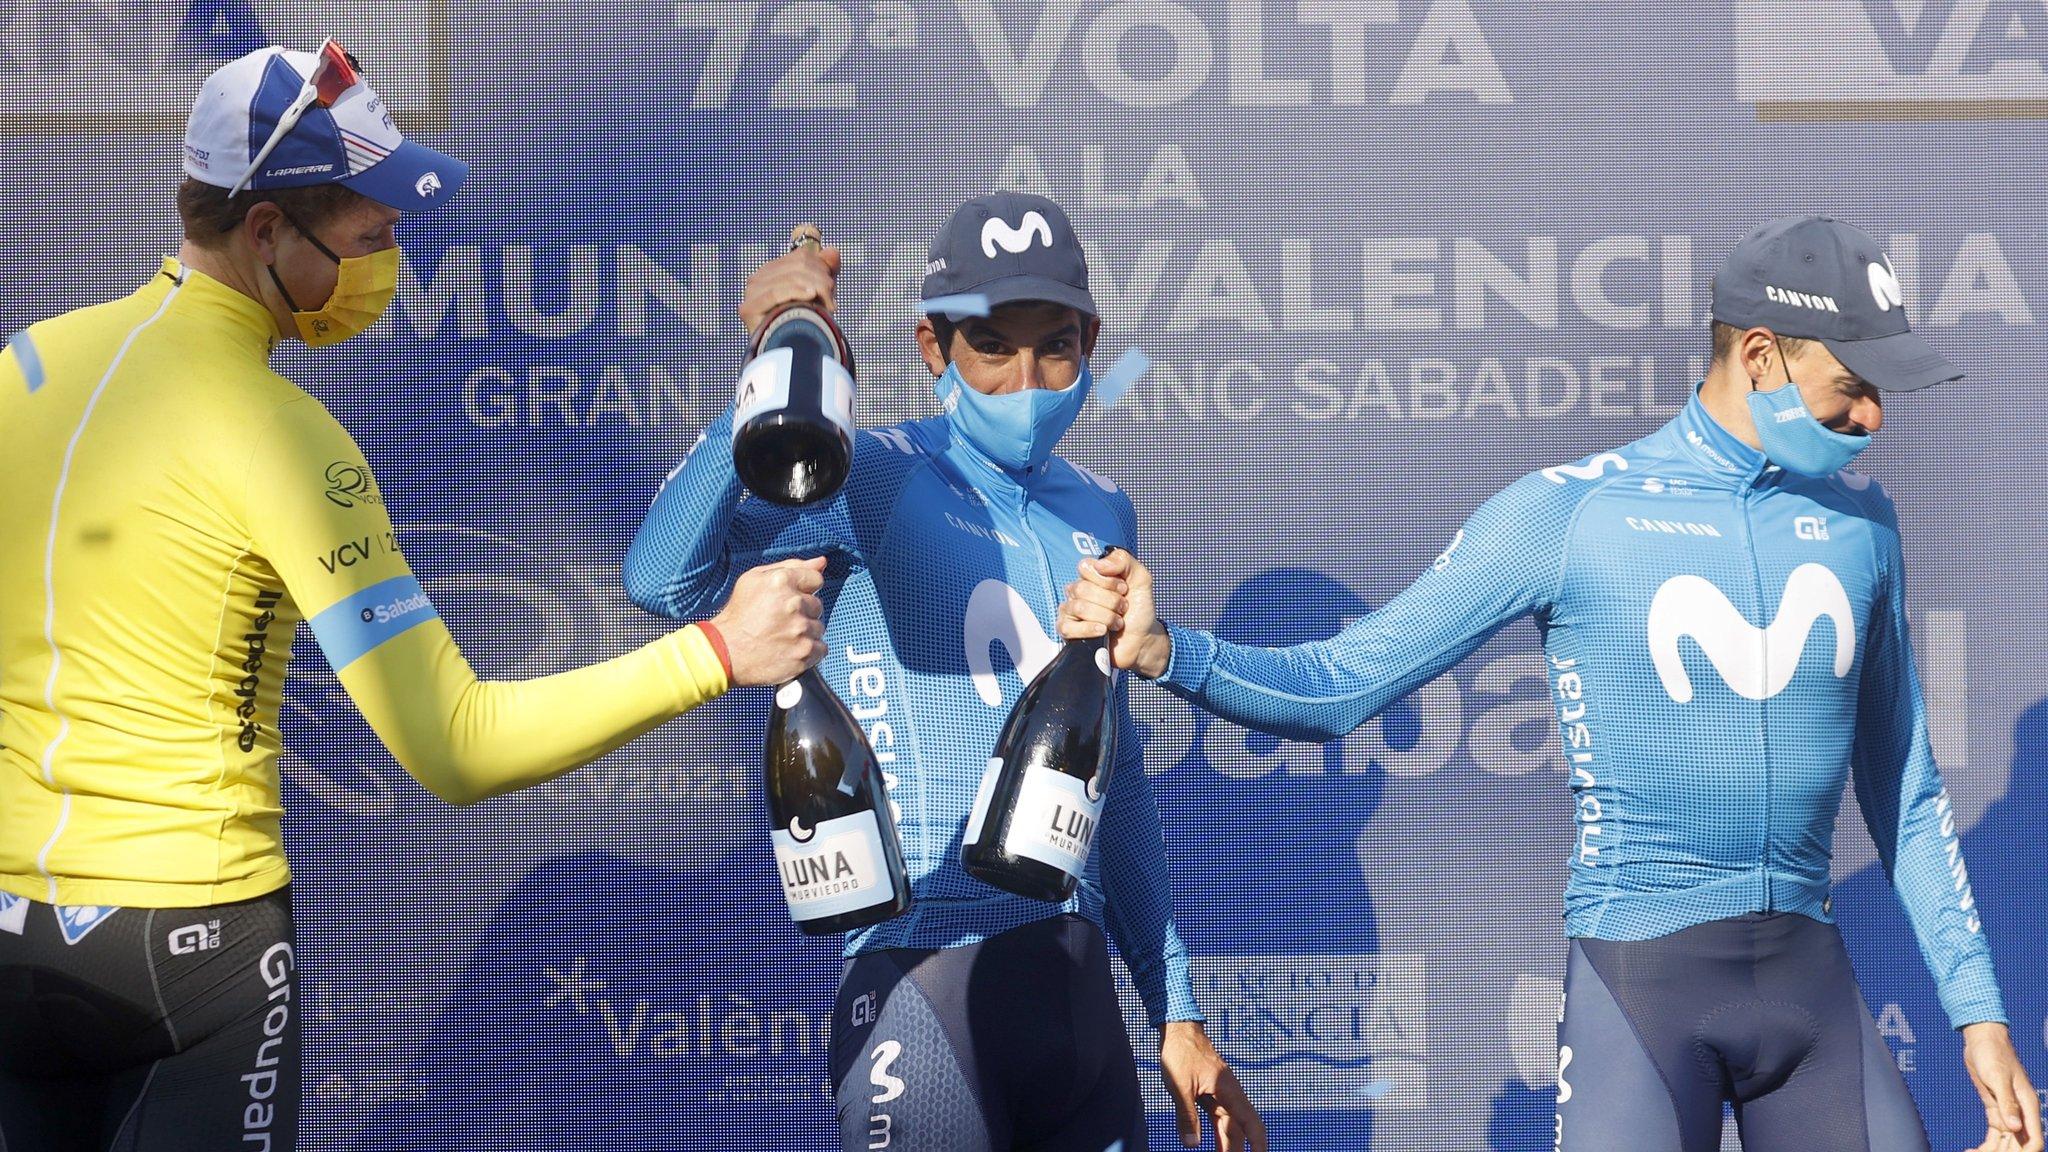 Stefan Küng, vencedor de la Vuelta a la Comunidad Valenciana brinda con Nelson Oliveira (c) y Enric Mas, acompañantes en el podio final.